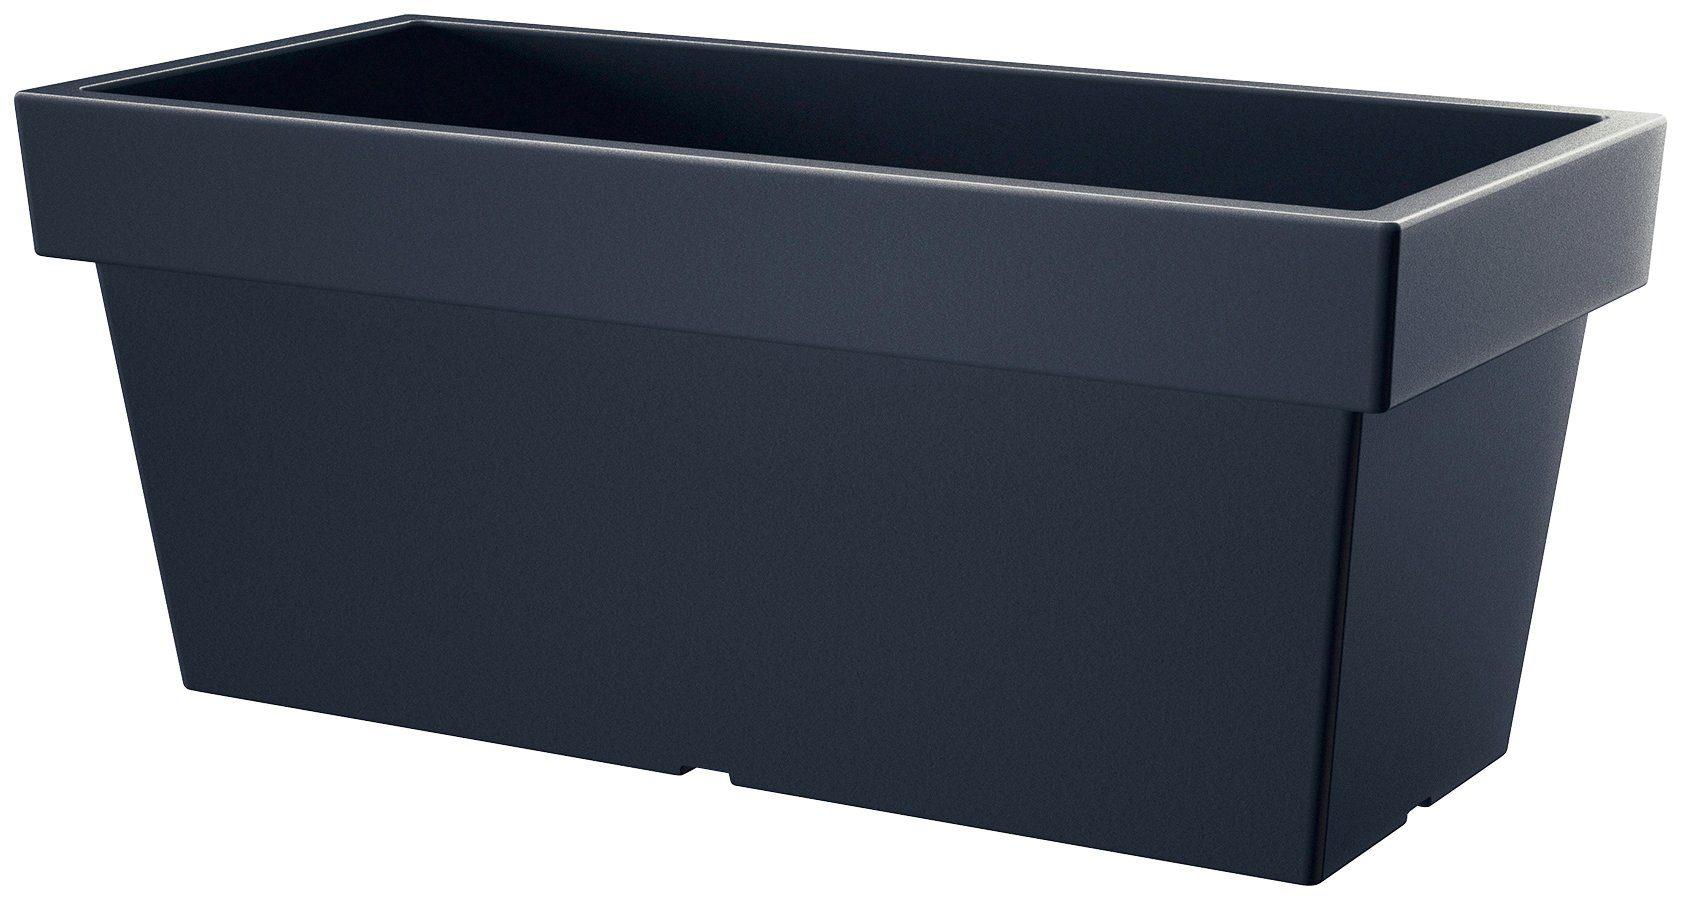 PROSPERPLAST Blumenkasten »Lofly case«, anthrazit, BxTxH: 79,2x35,2x33,4 cm